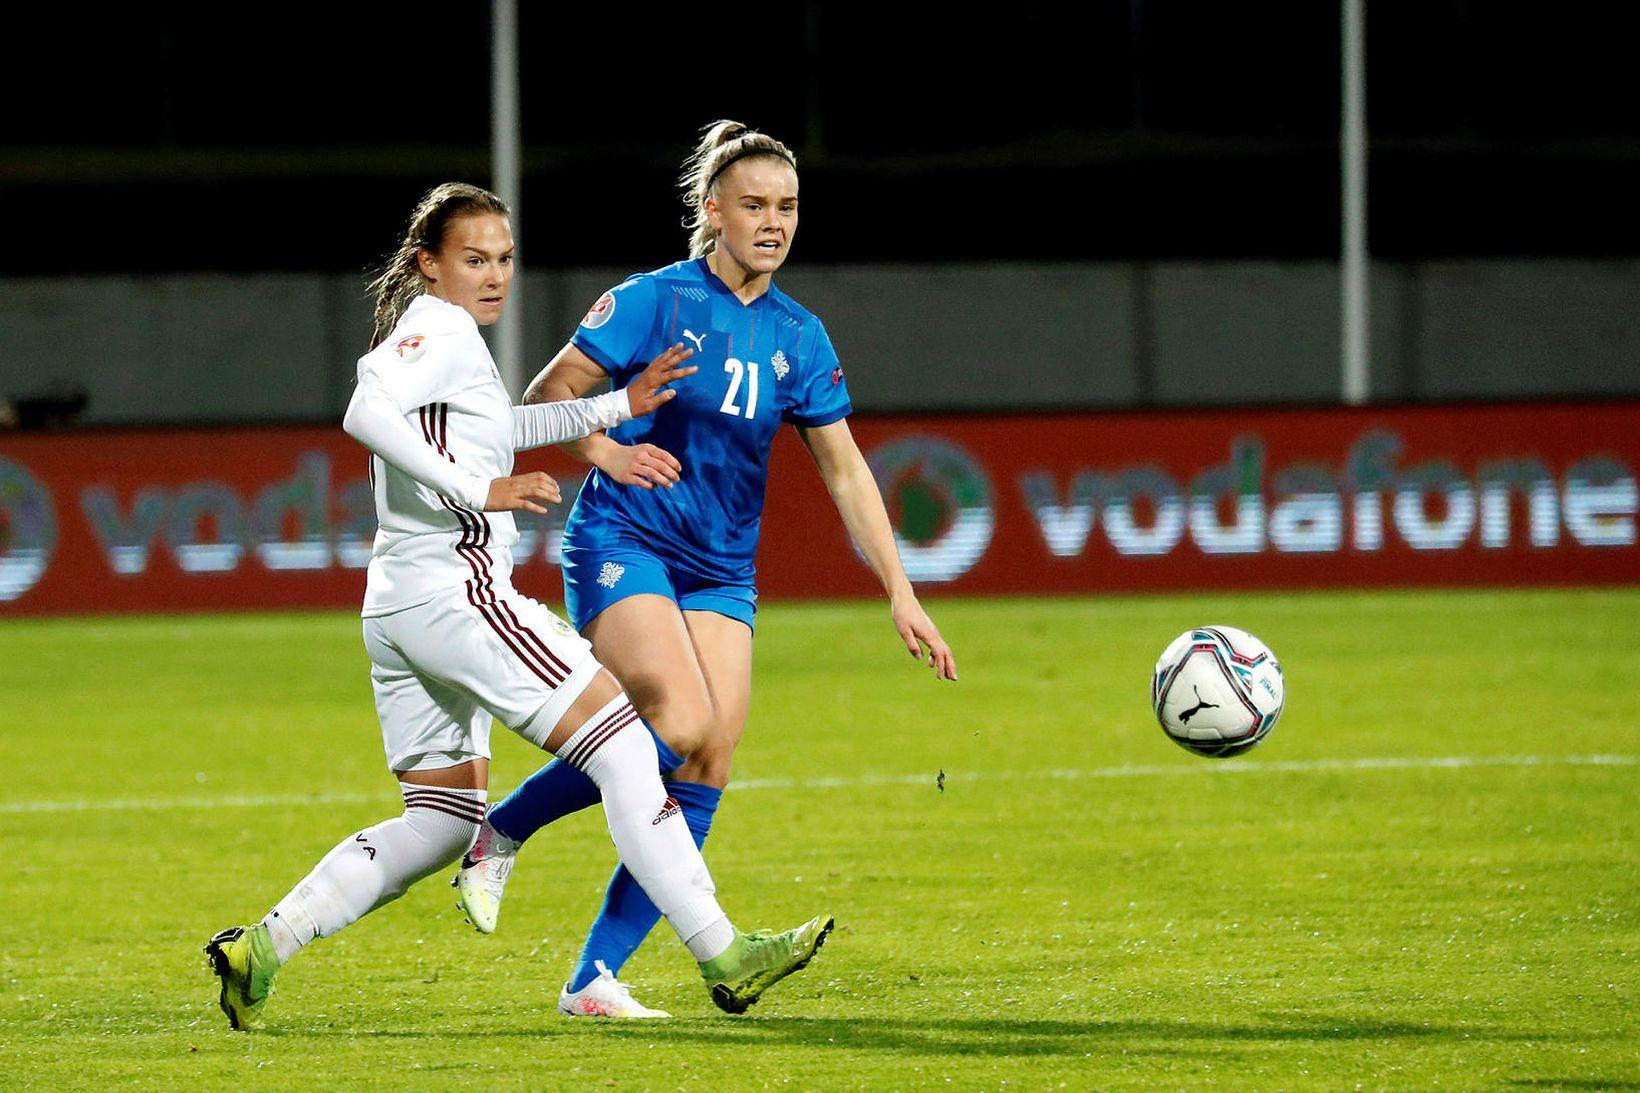 Barbára Sól Gísladóttir í landsleiknum gegn Lettum í september.